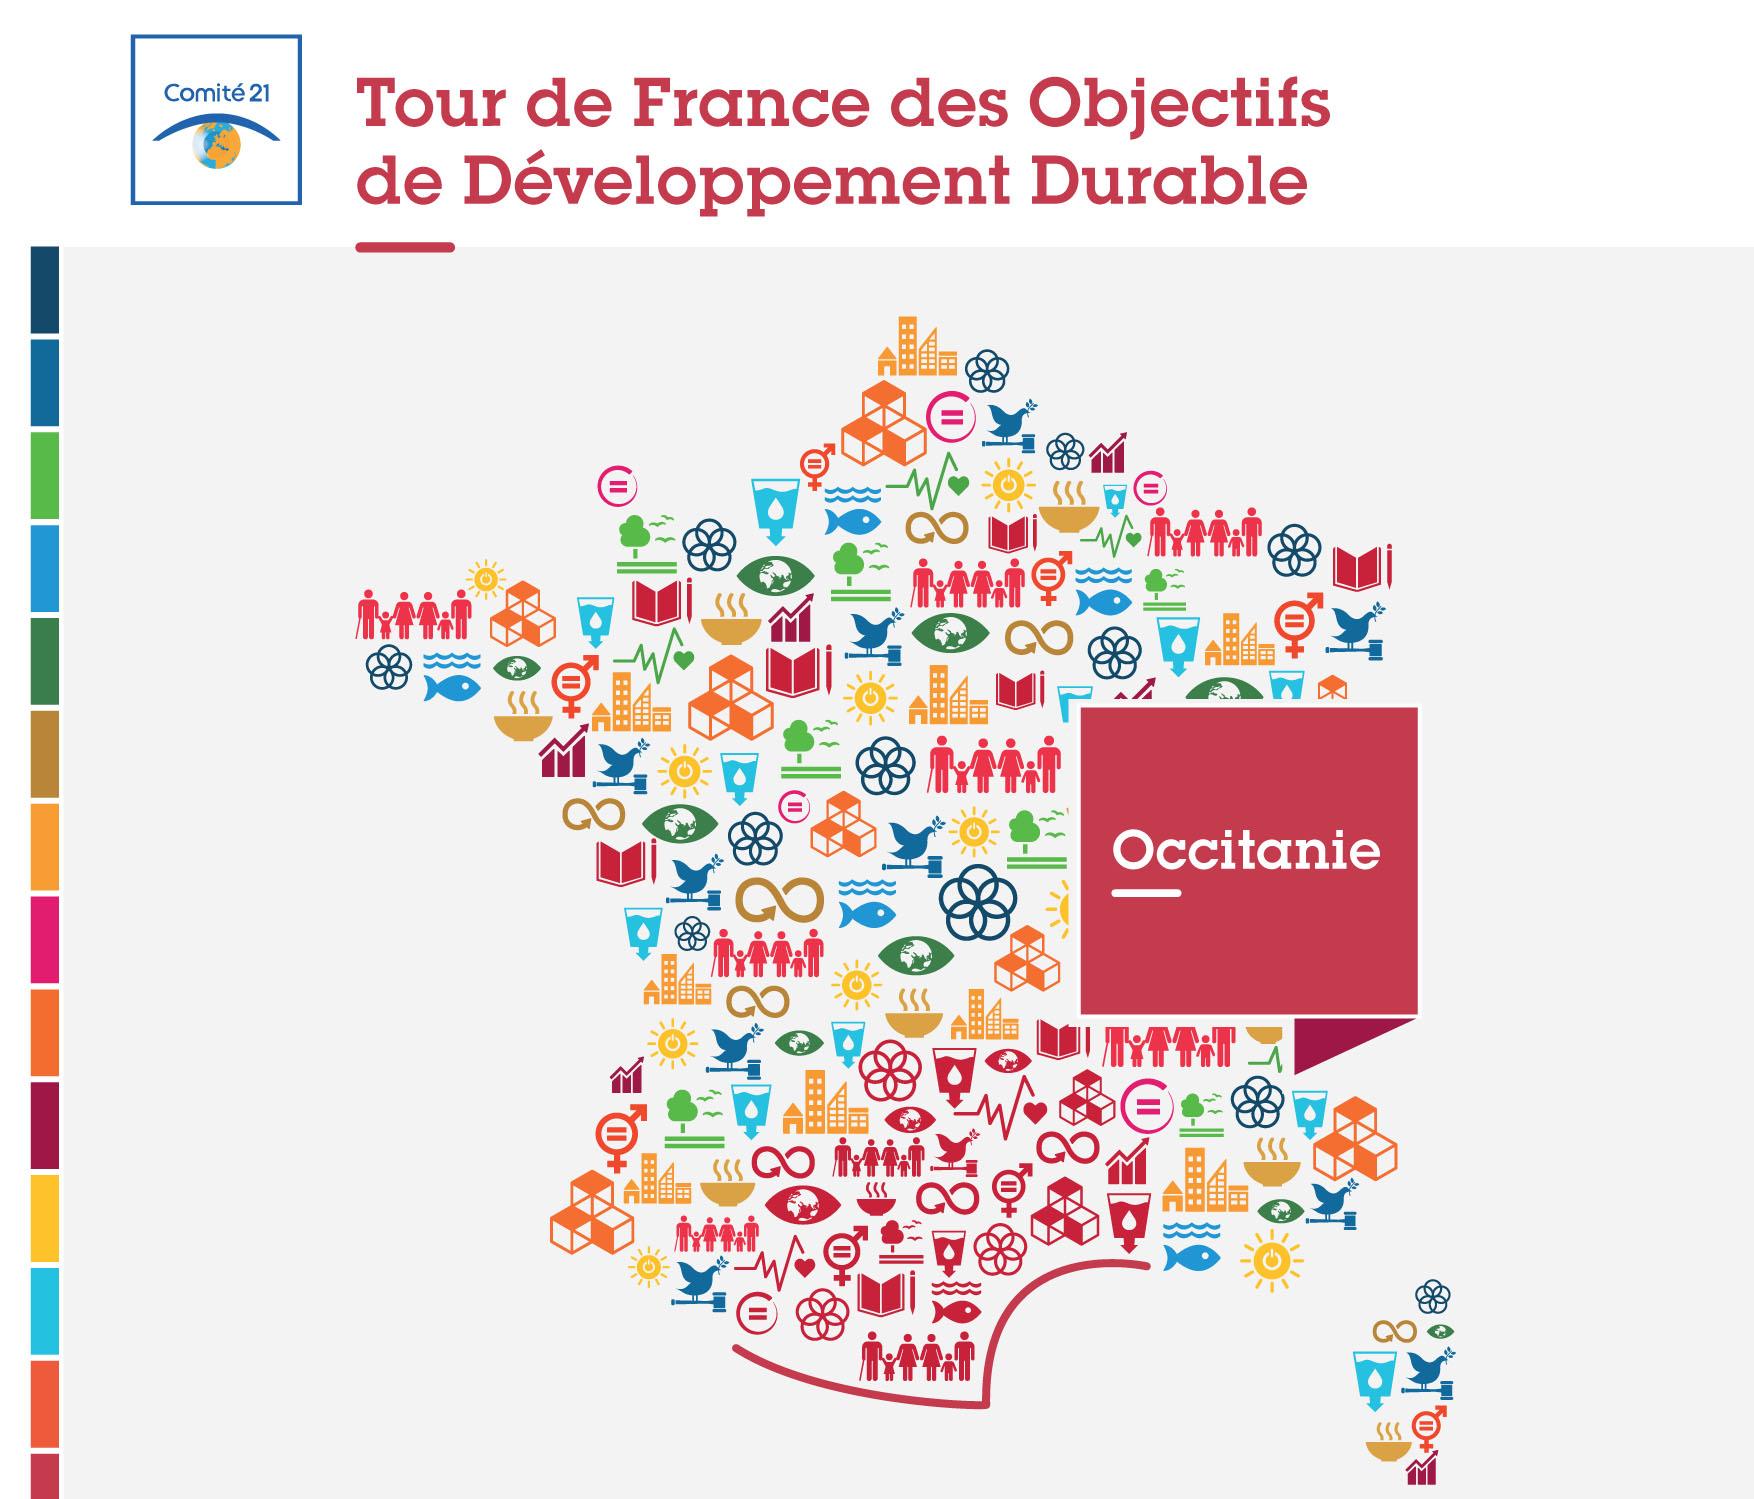 Affiche du Tour de France des Objectifs du Développement Durable Occitanie 2020